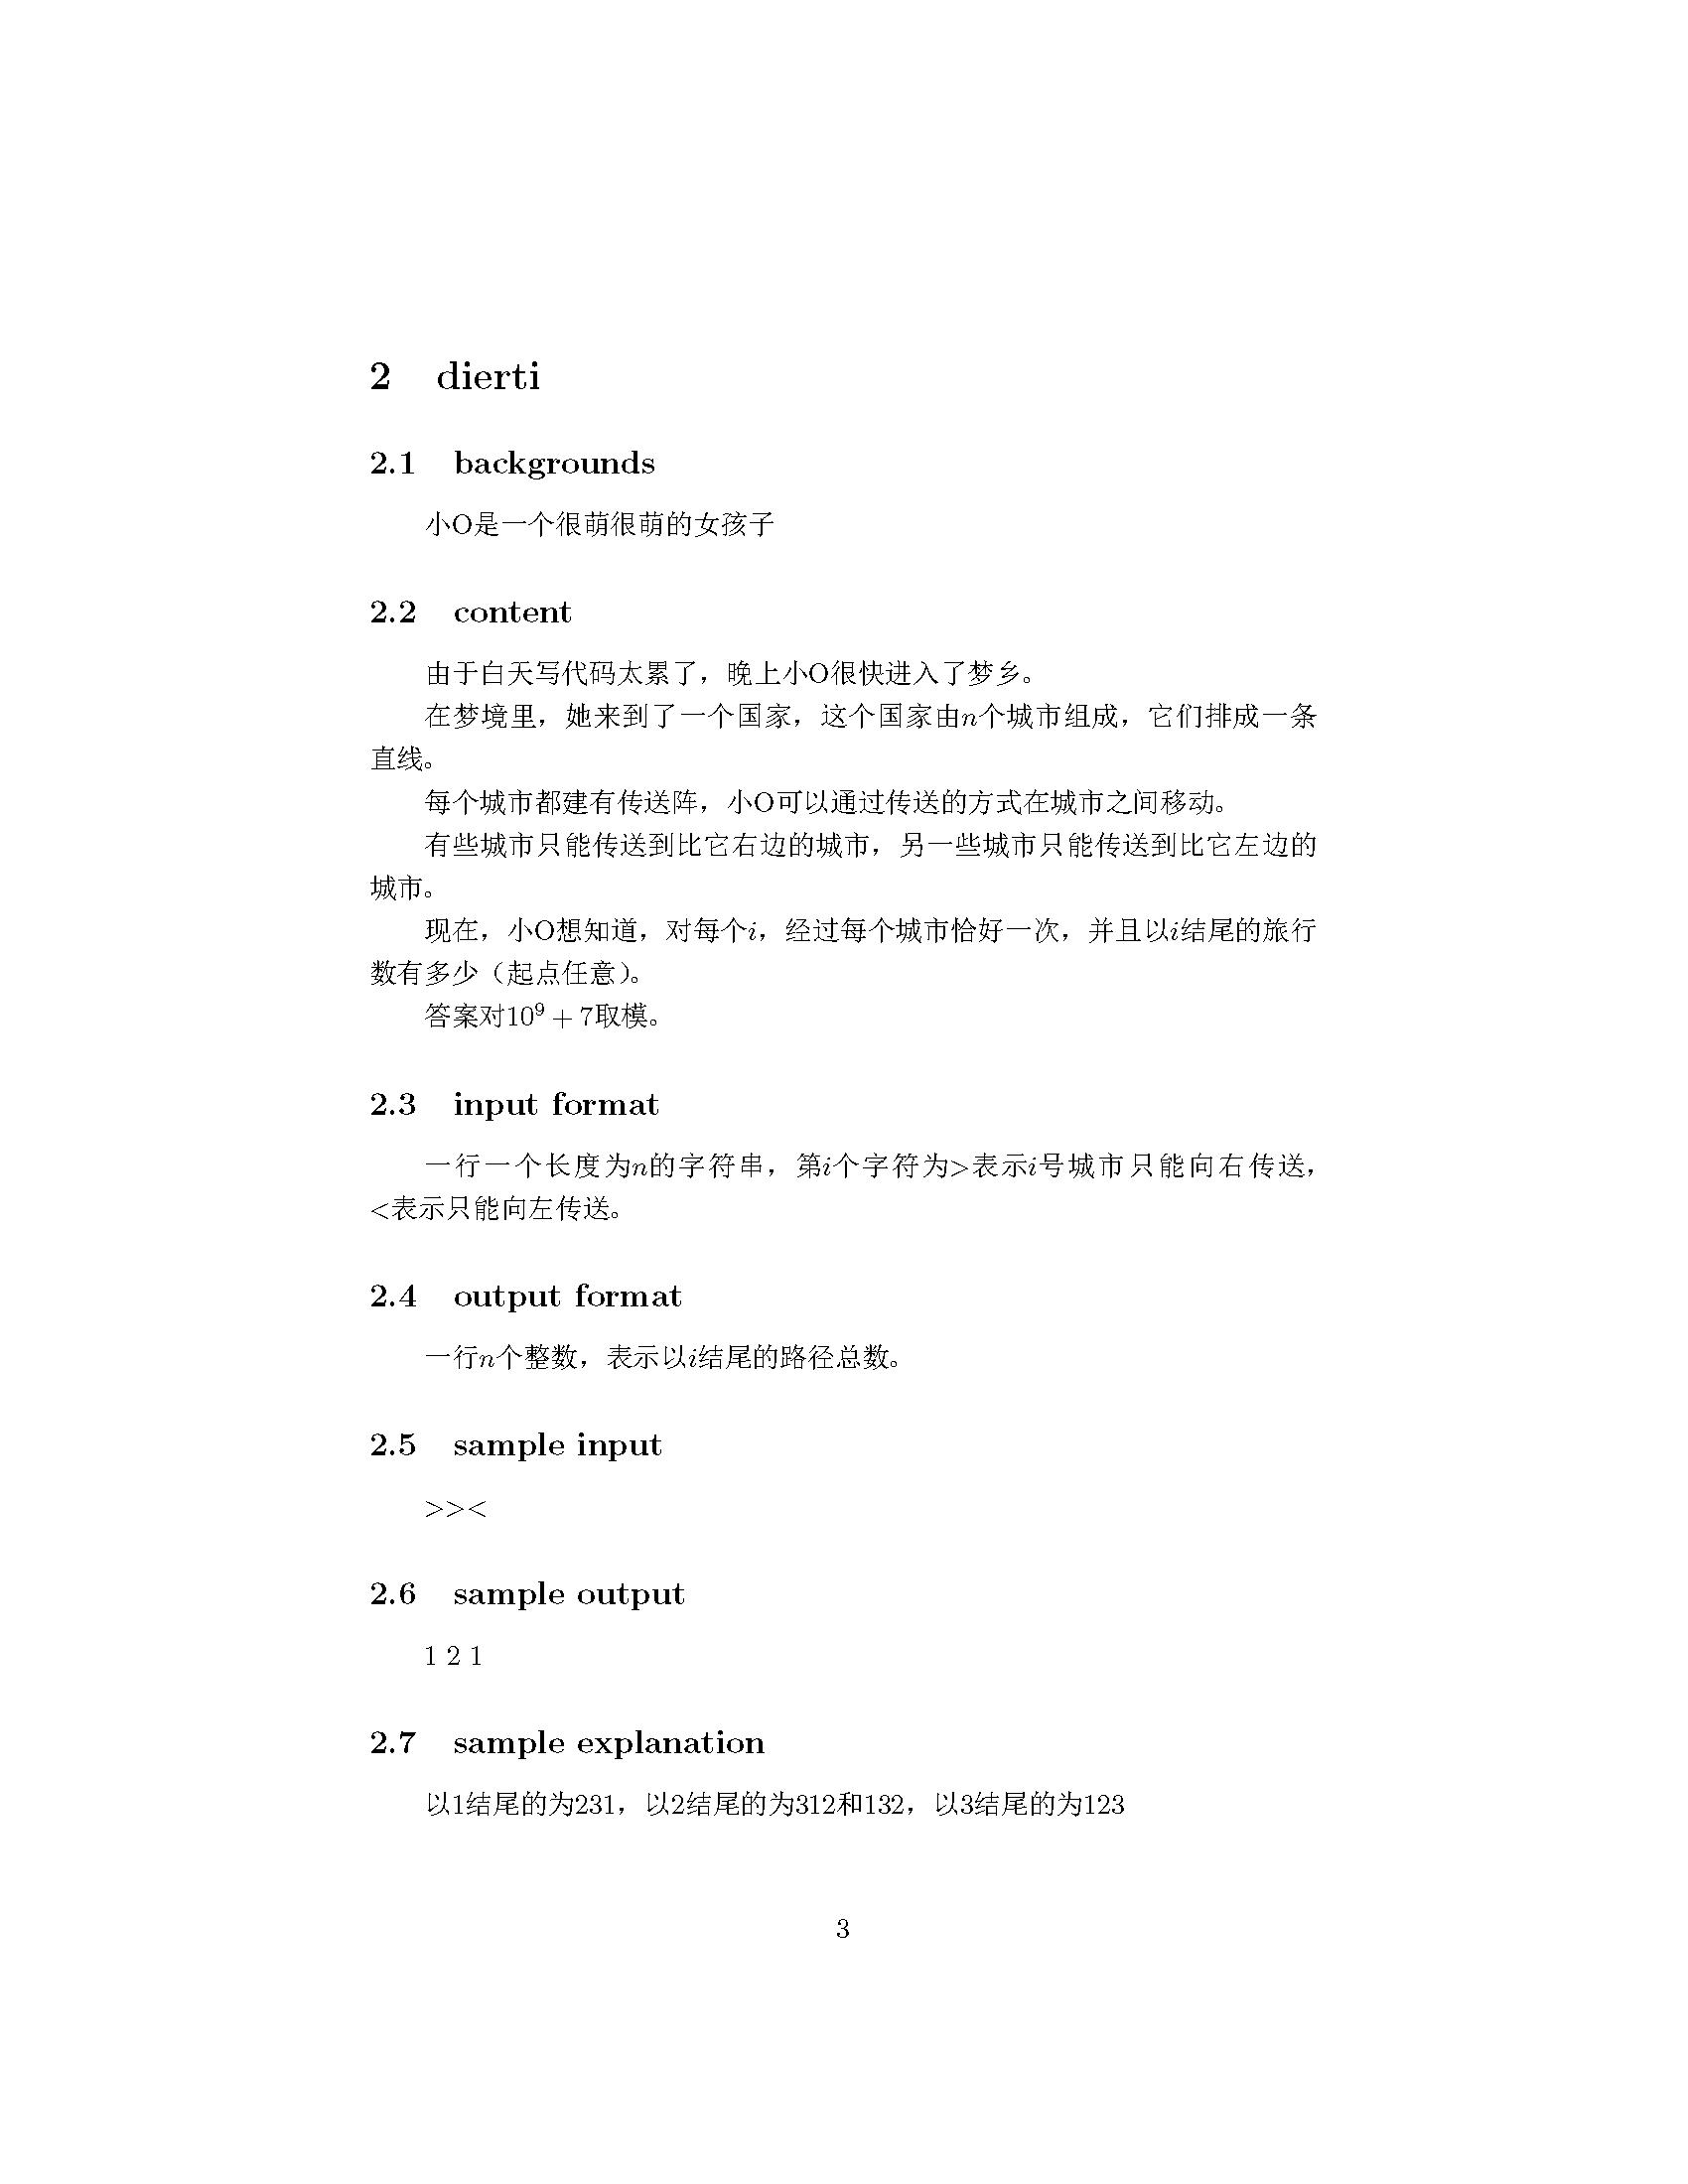 oAtf8.png